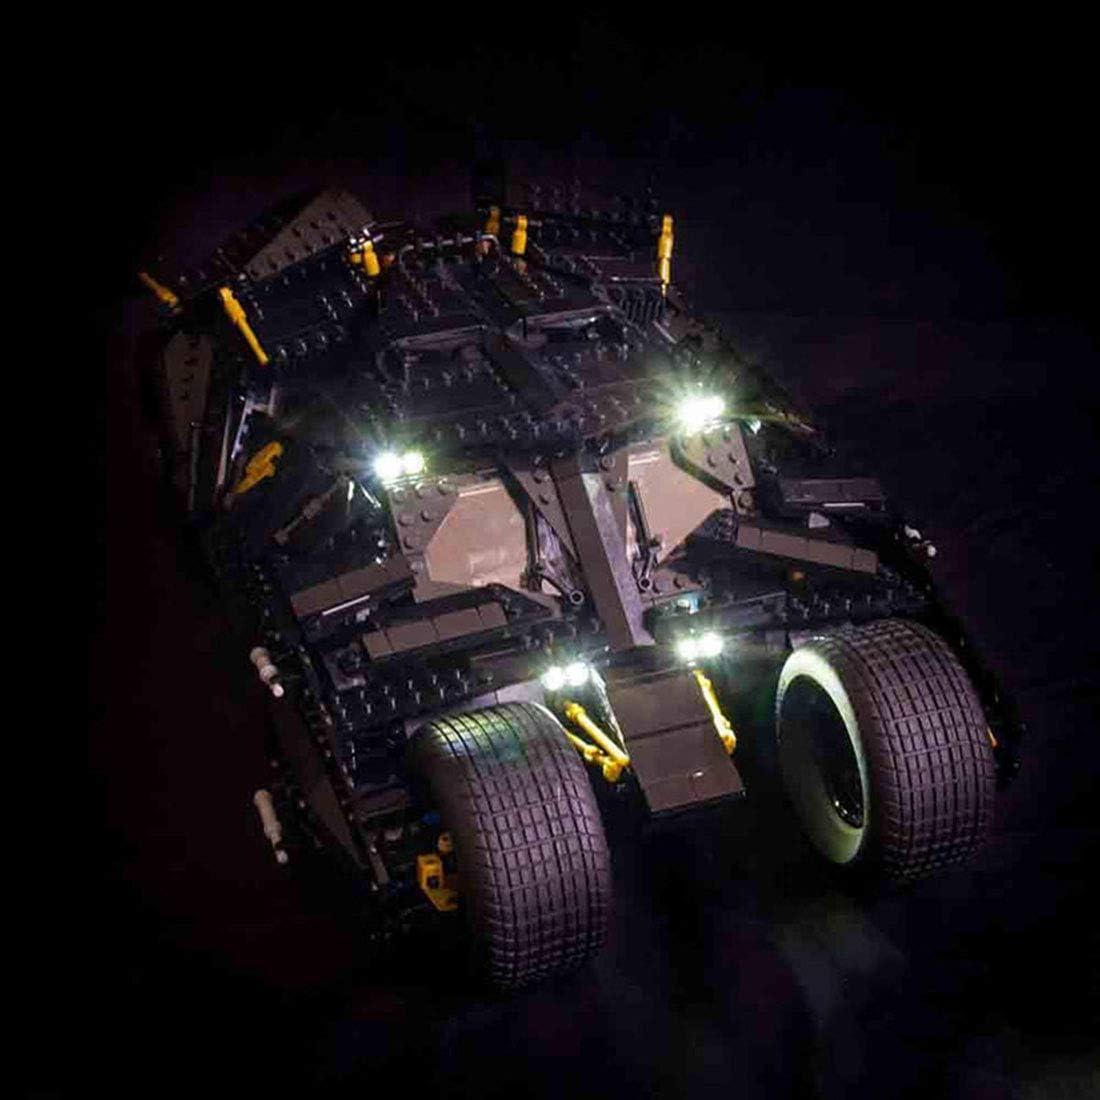 LED Light Kit ONLY For Lego 76023 The Tumbler Batman Blue Lighting Bricks